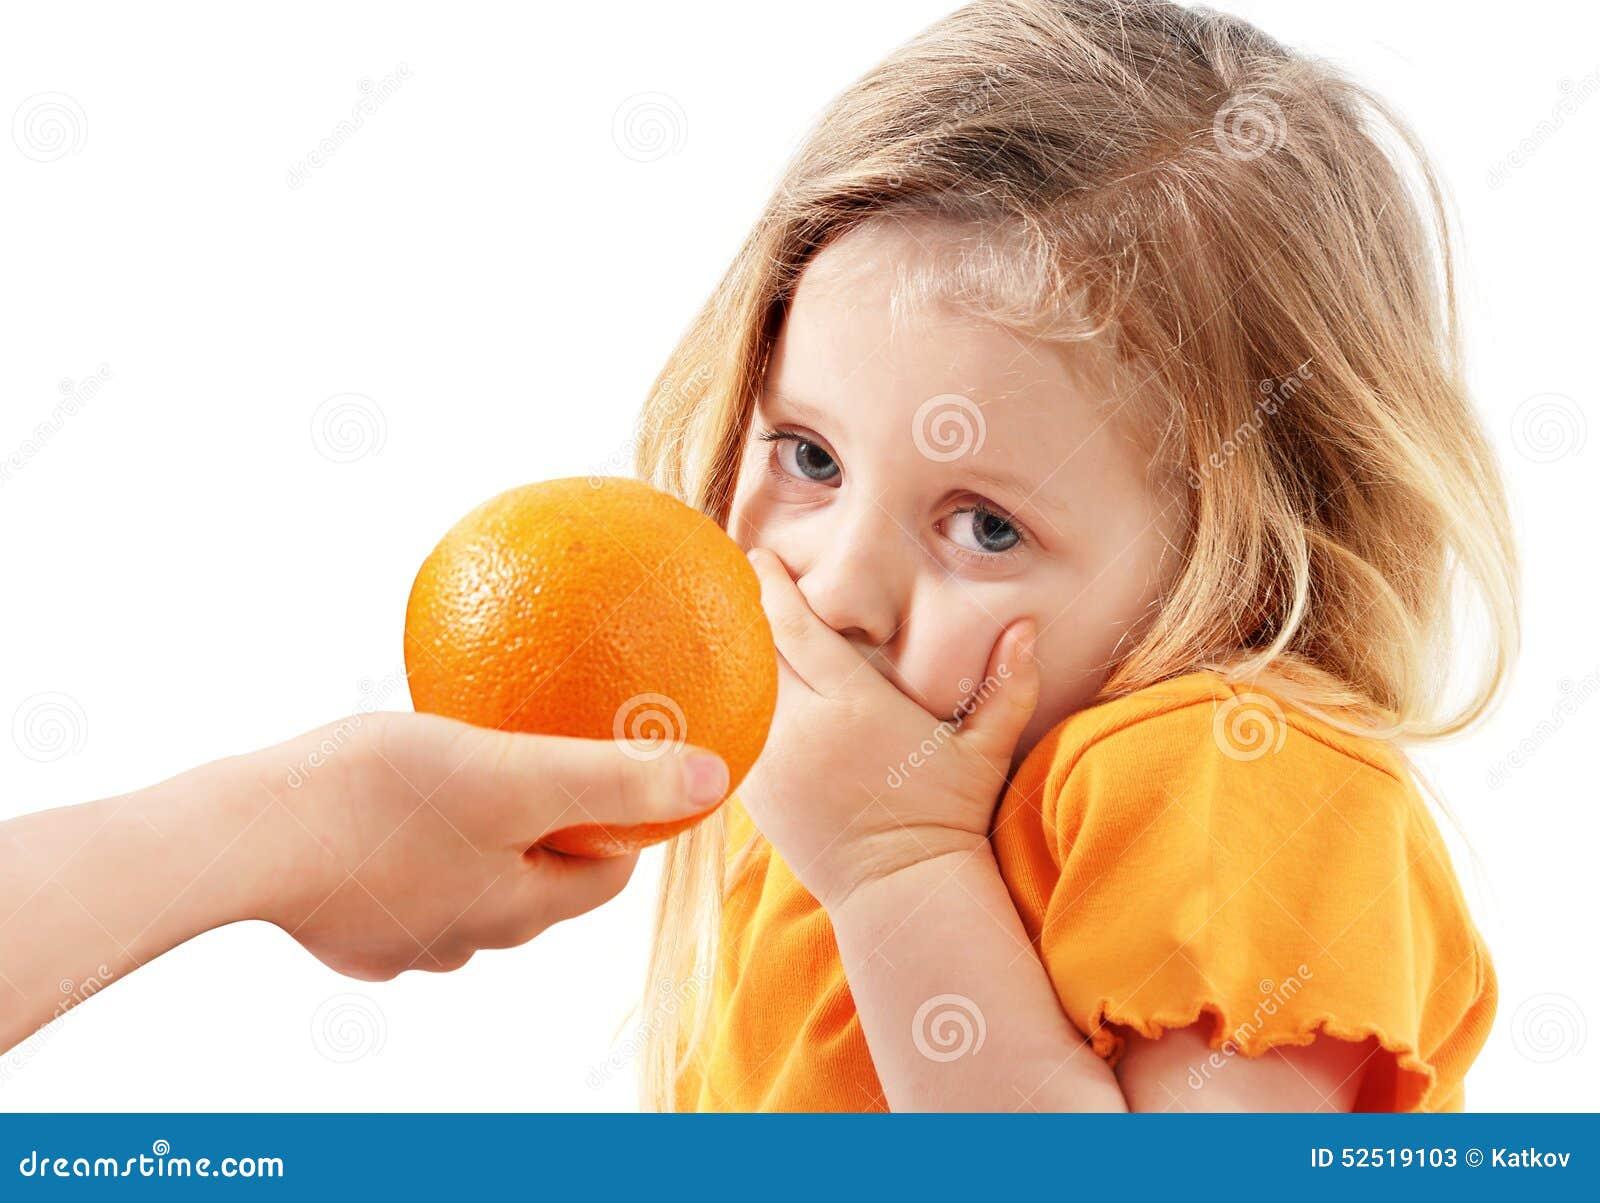 Аллергия на мандарины фото